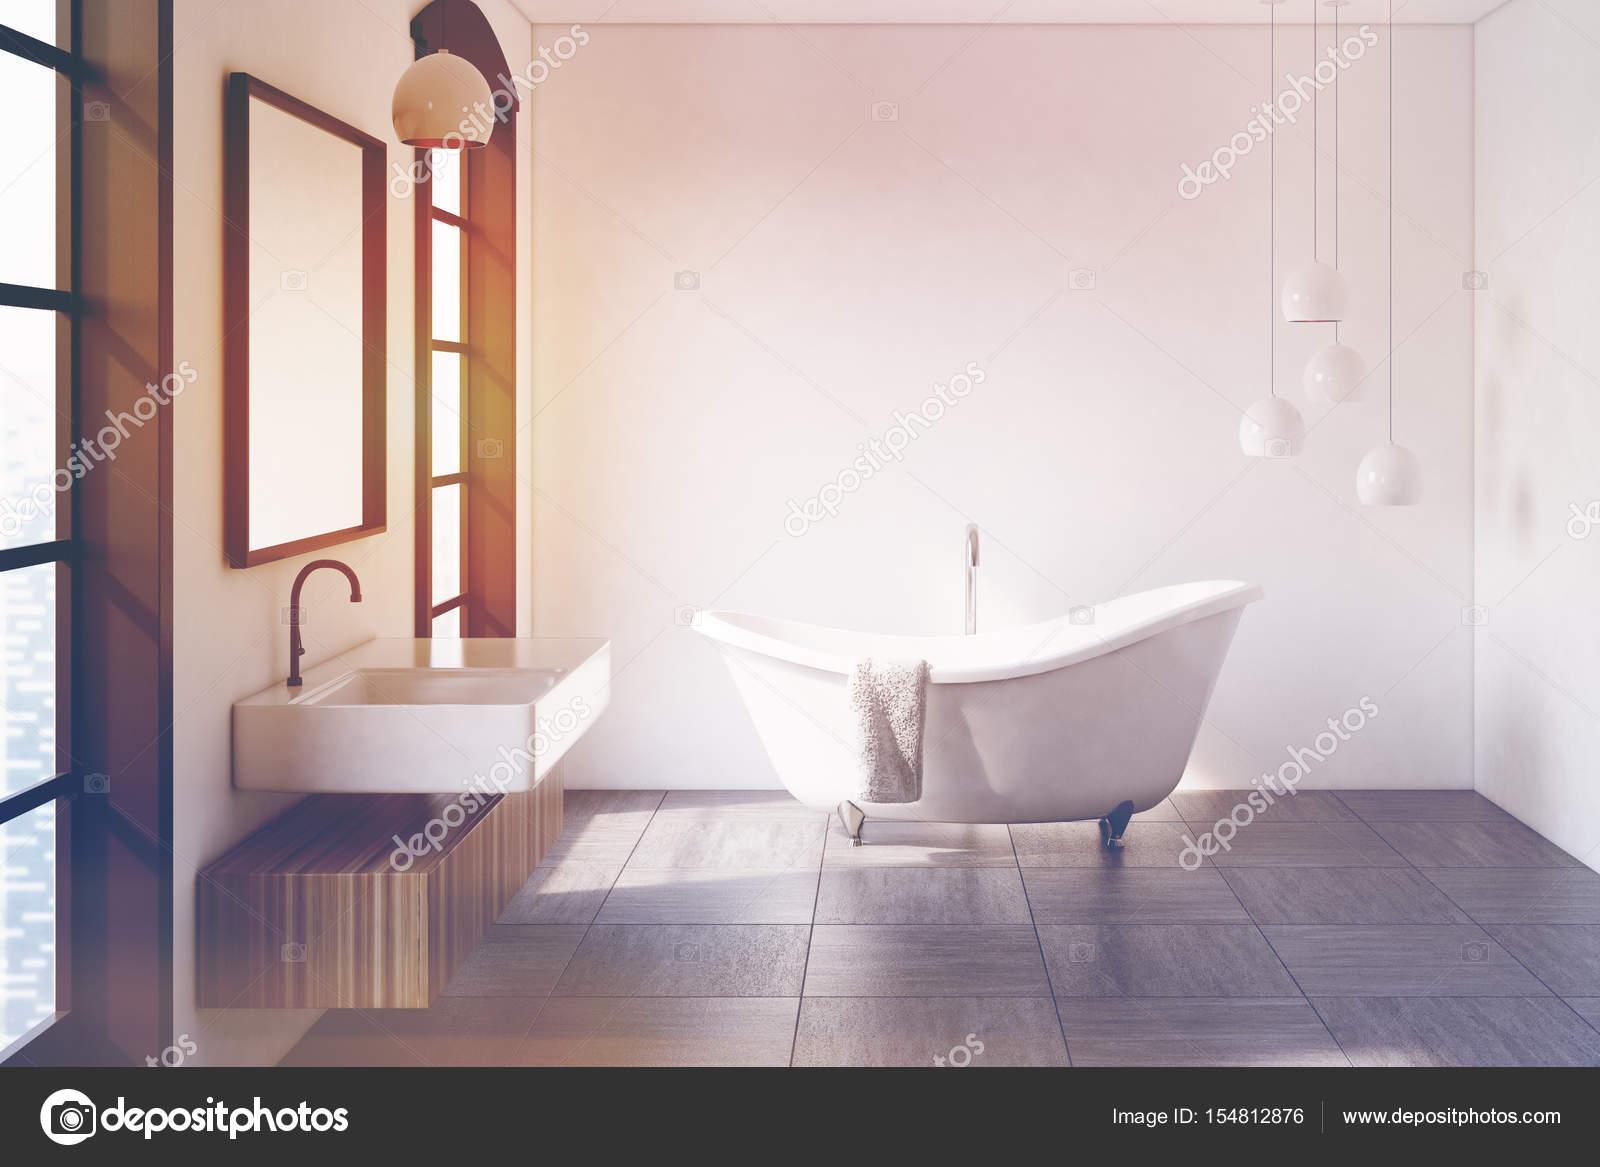 https://st3.depositphotos.com/2673929/15481/i/1600/depositphotos_154812876-stockafbeelding-witte-badkamer-lampen-afgezwakt.jpg